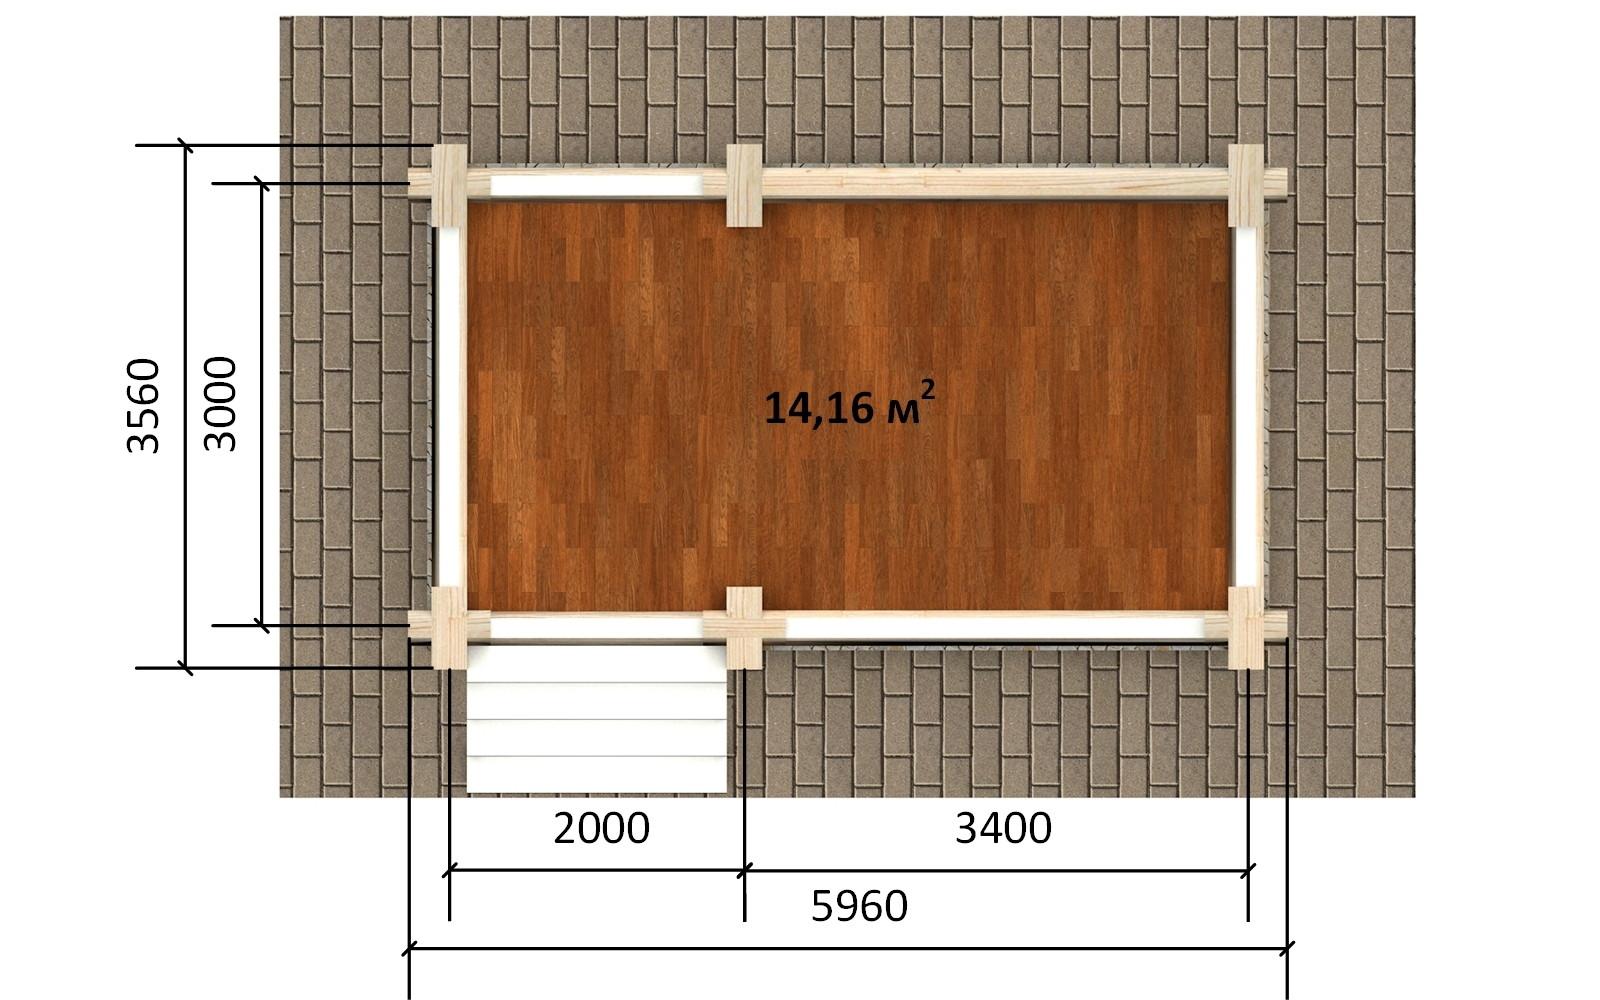 Фото #4: деревянная беседка БС-18 из бревна